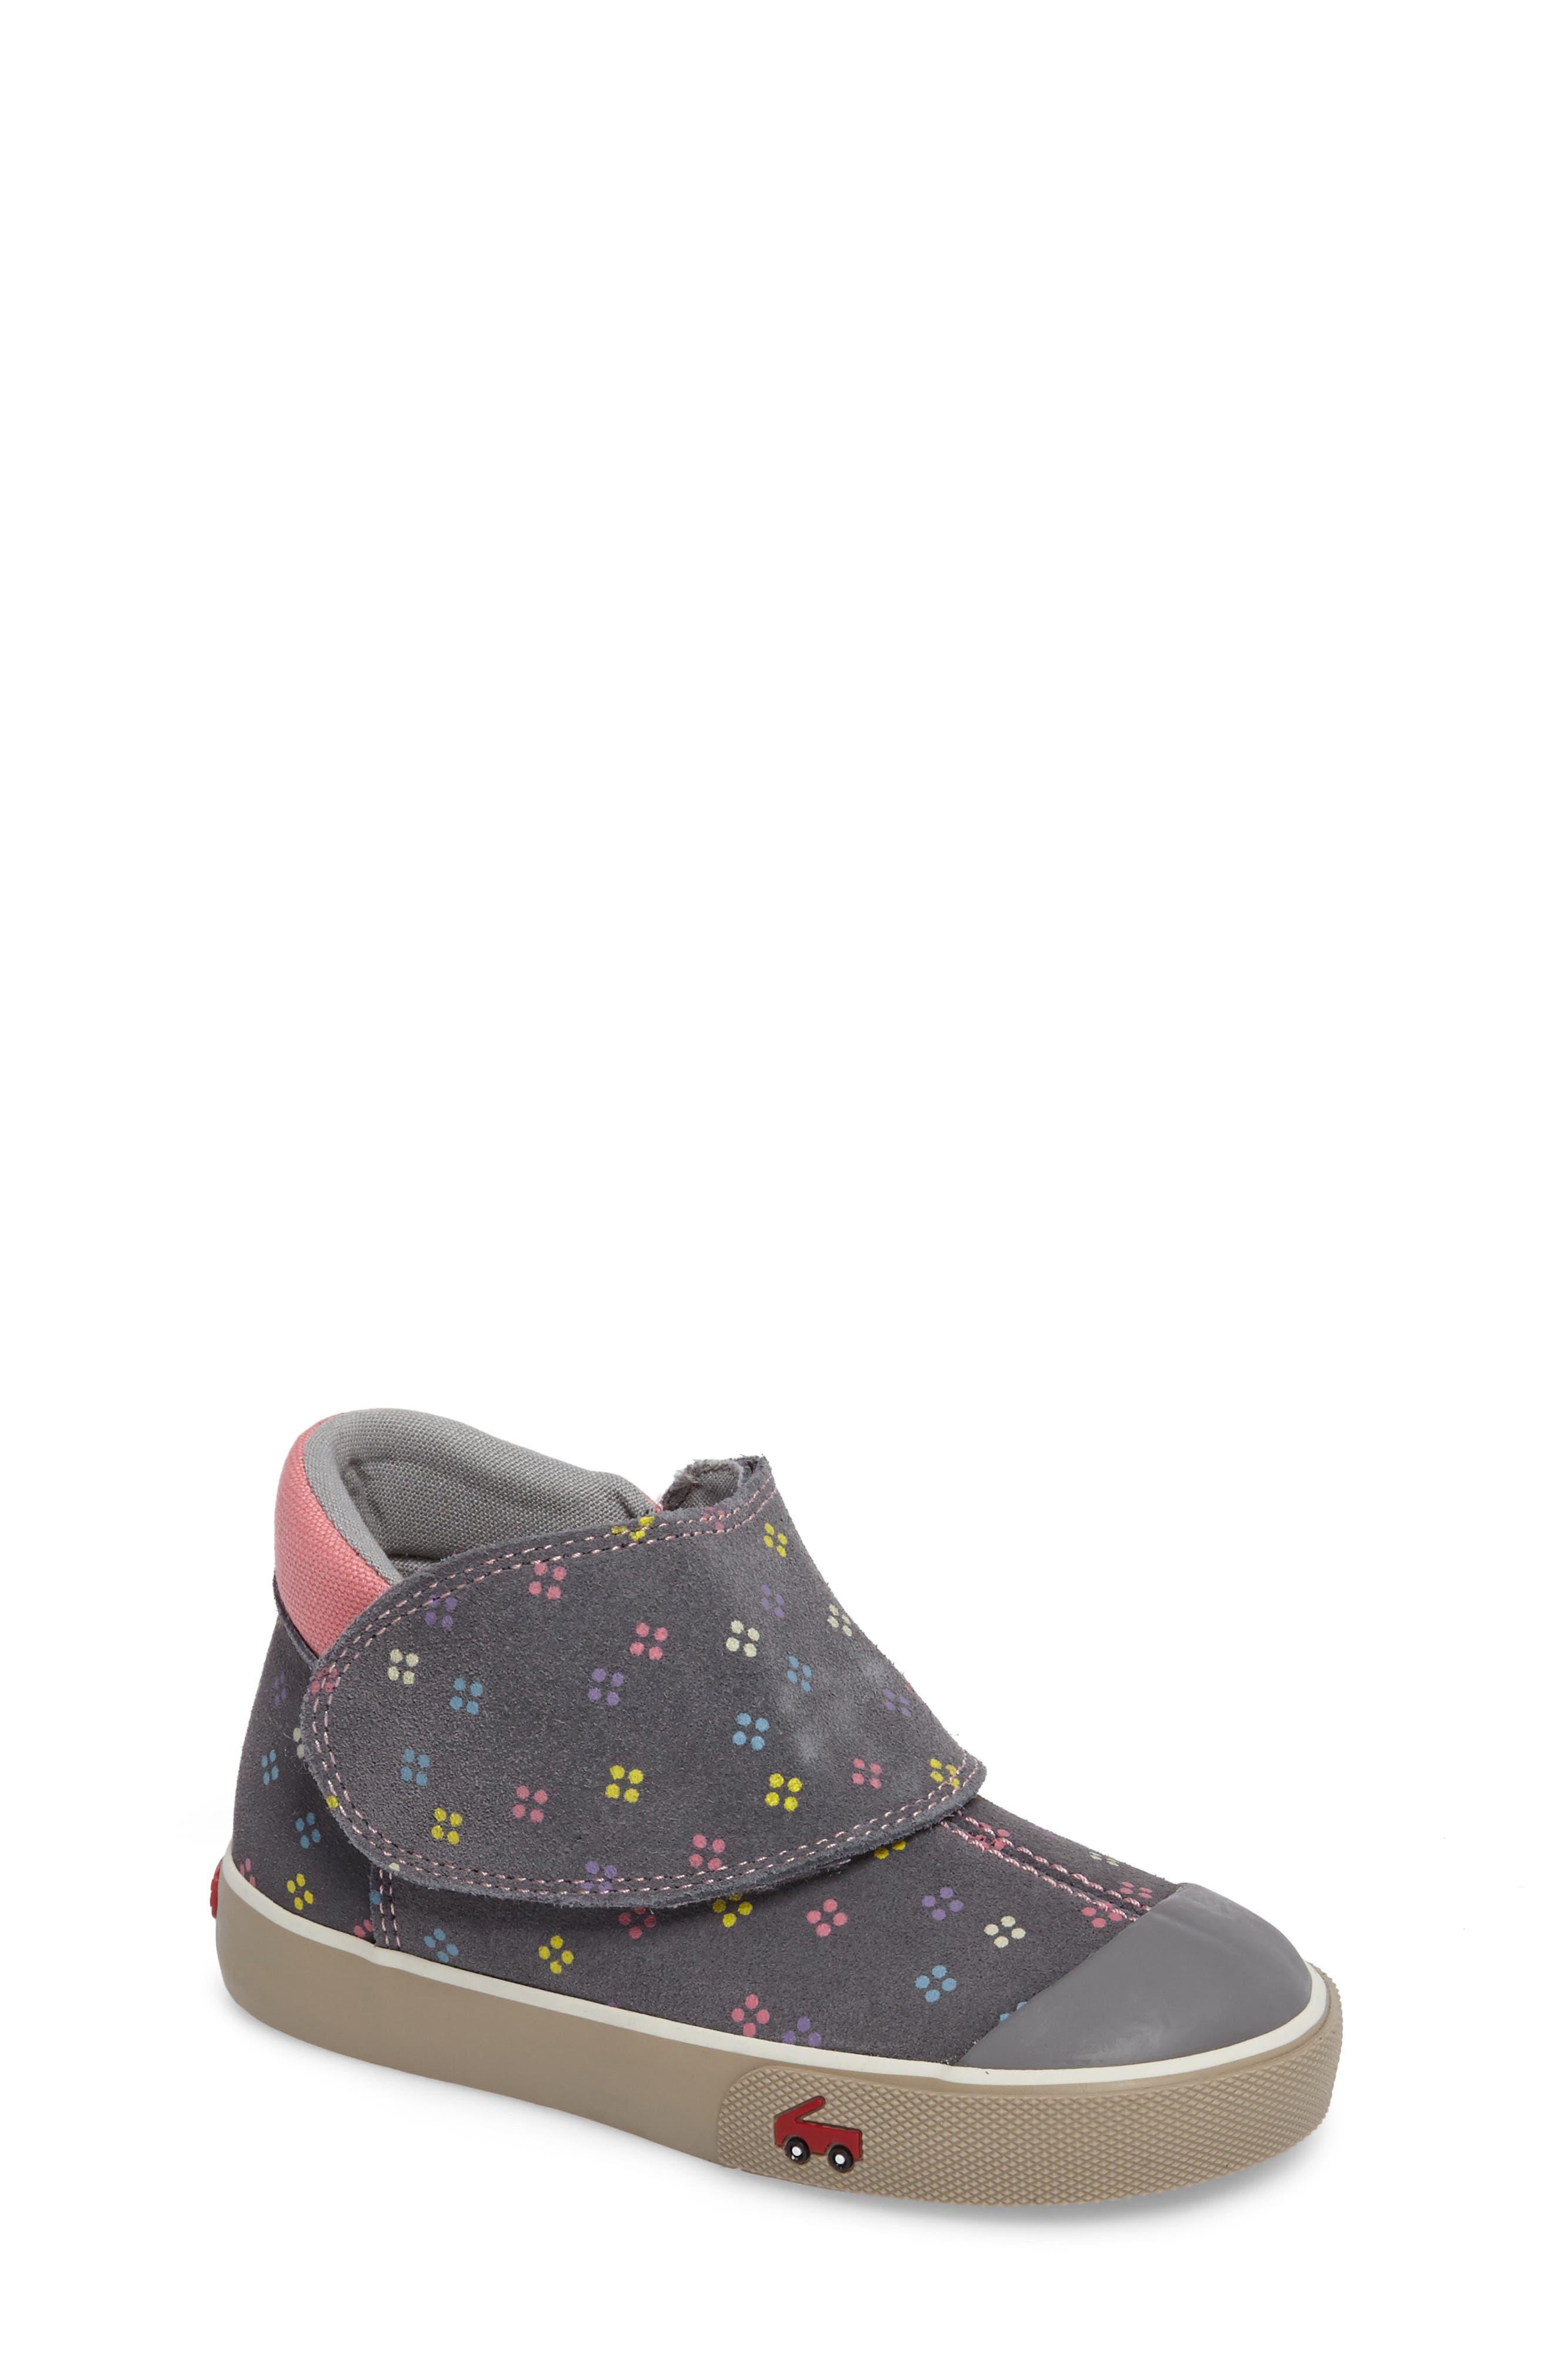 Monroe Boot,                         Main,                         color, 020